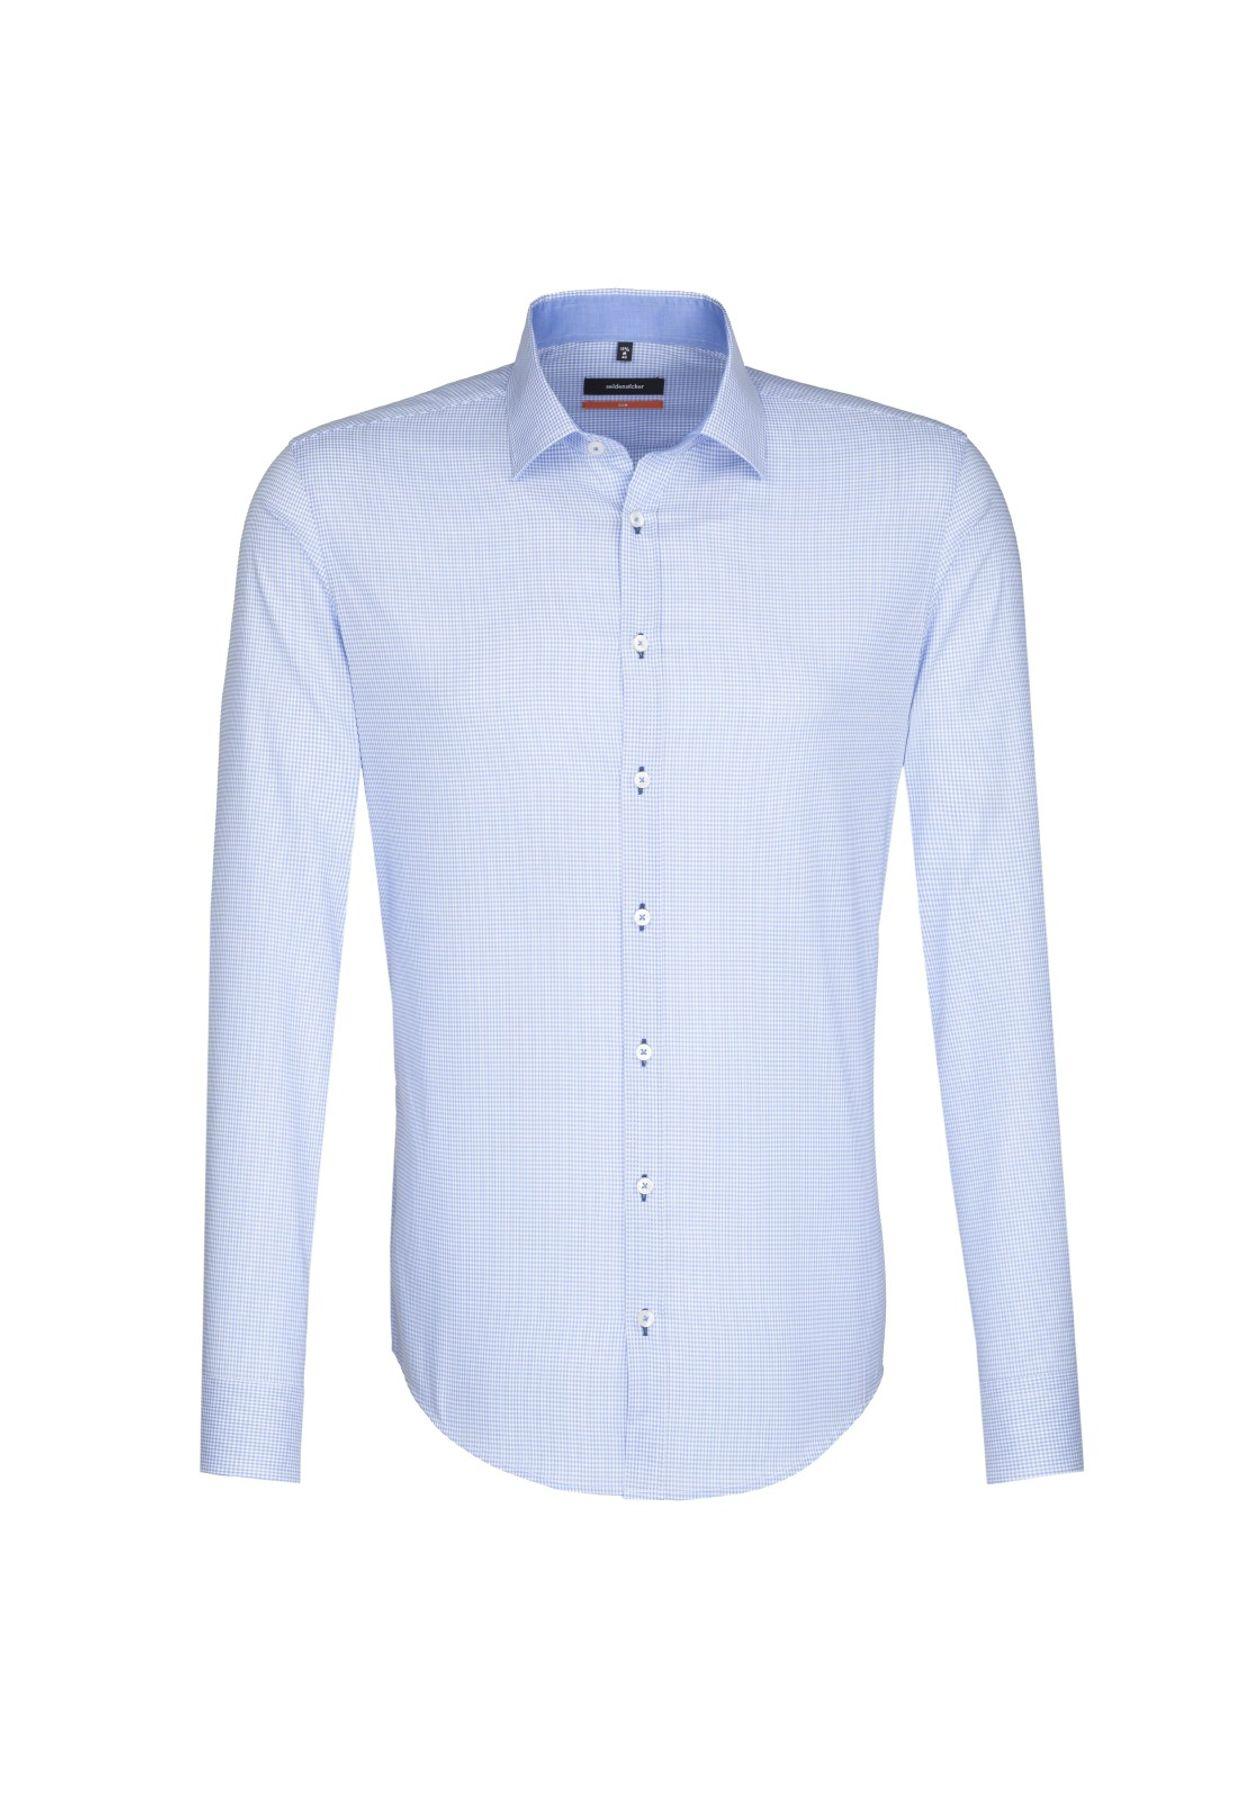 Seidensticker - Herren Hemd, Bügelfrei, Slim, Schwarze Rose mit Kent Kragen in Blau (01.676126) – Bild 1